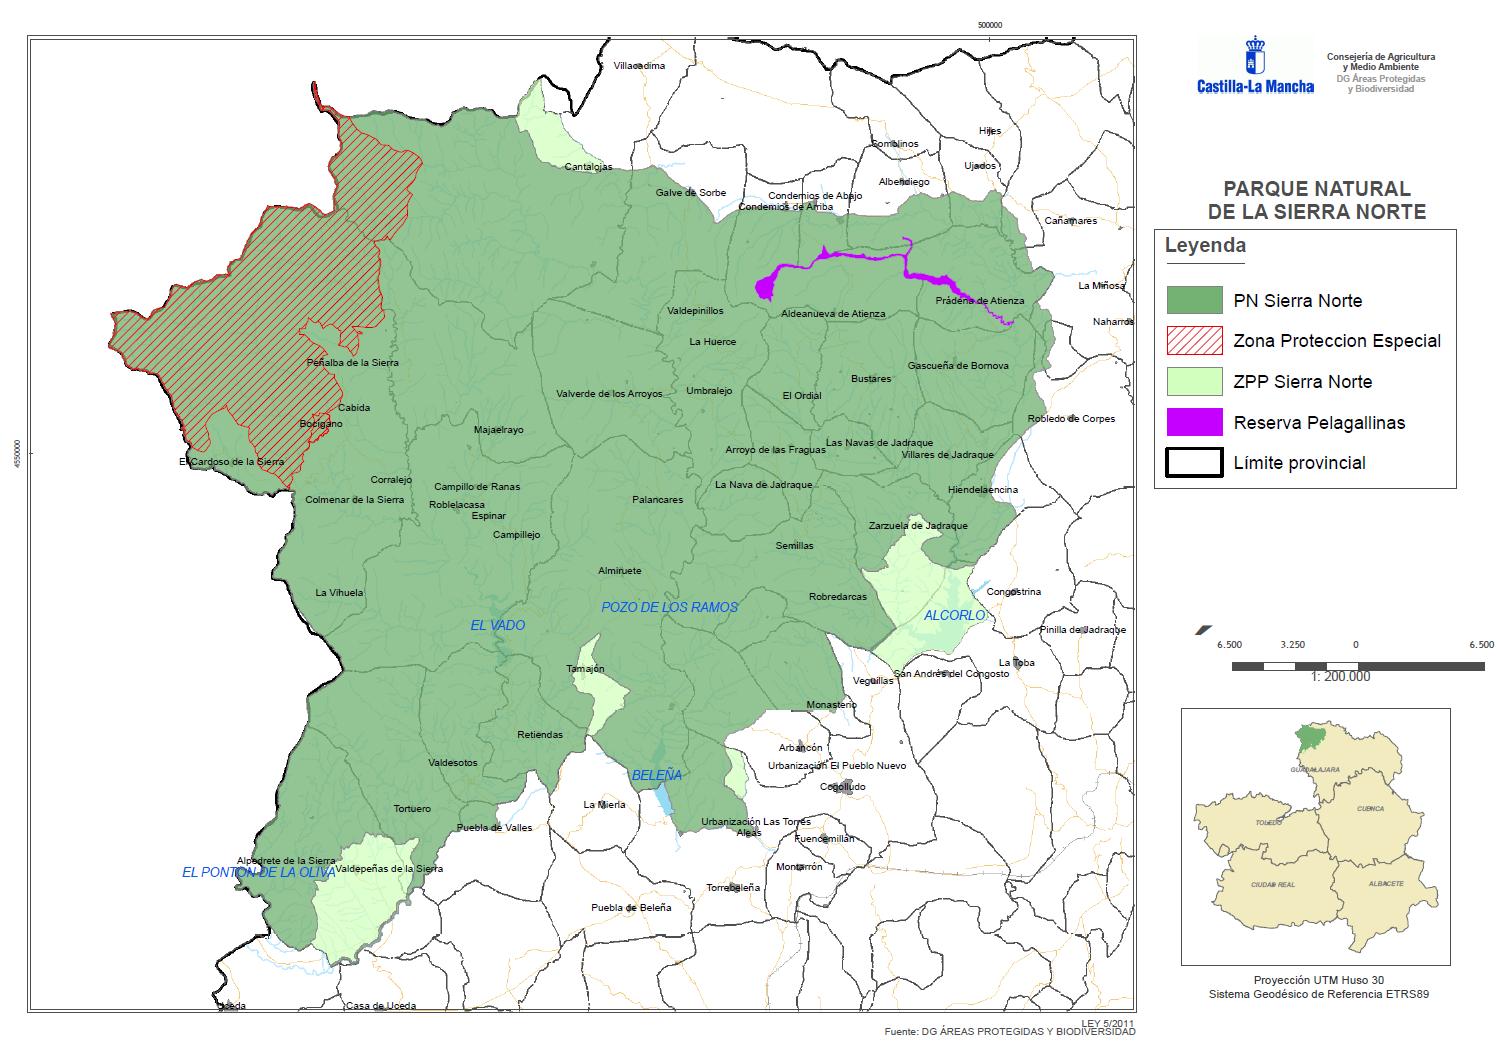 Mapa Parque Natural del Hayedo de Tejera Negra